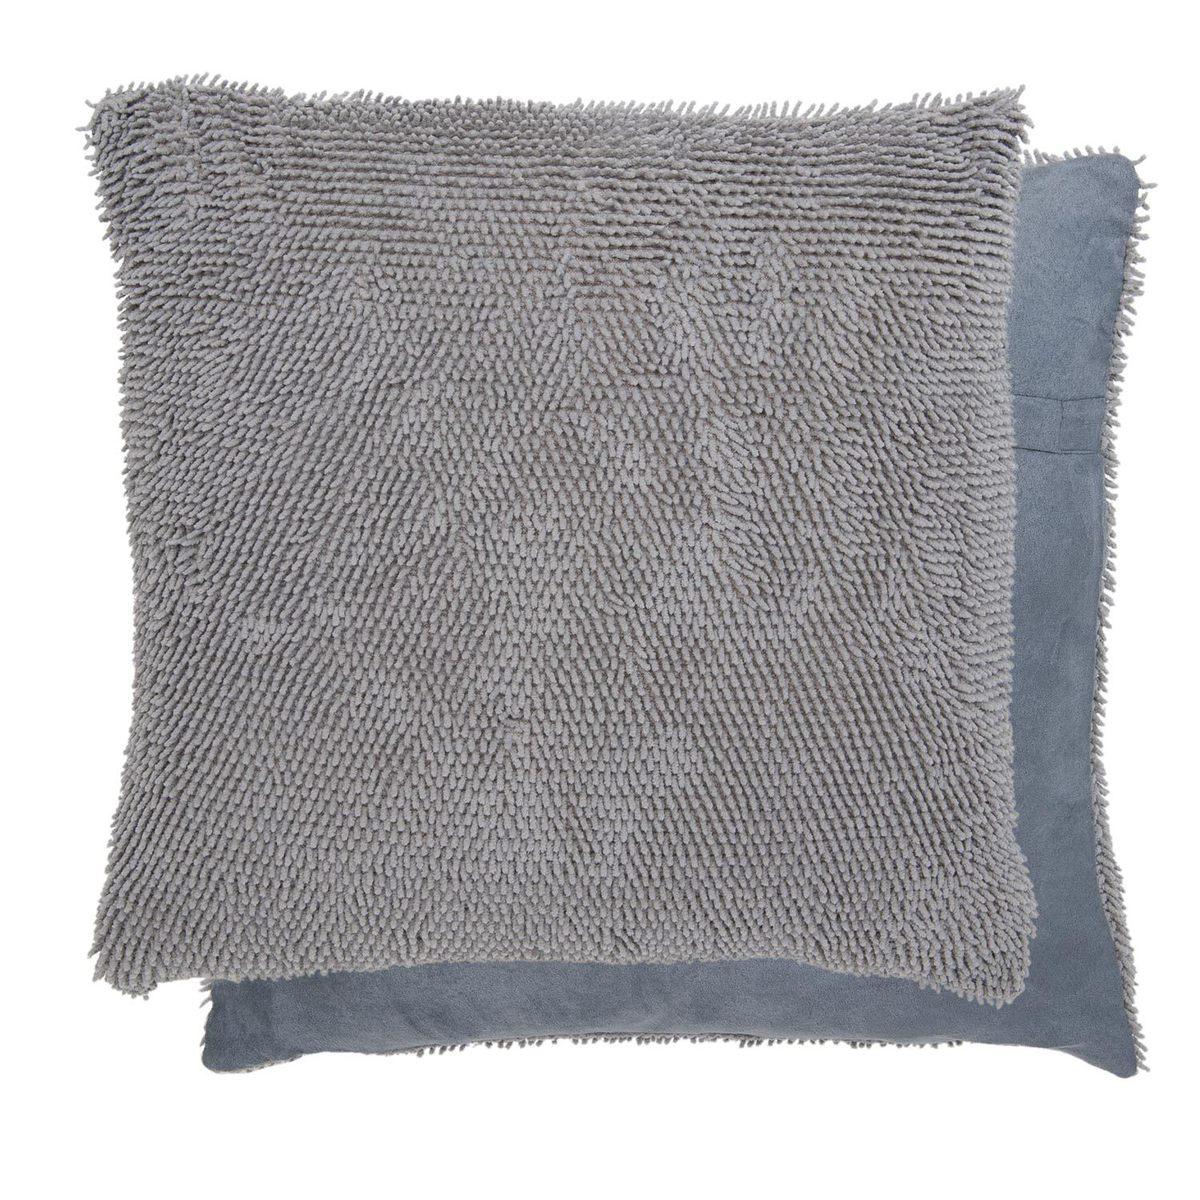 Povlak na polštář 45*45 - světle šedá